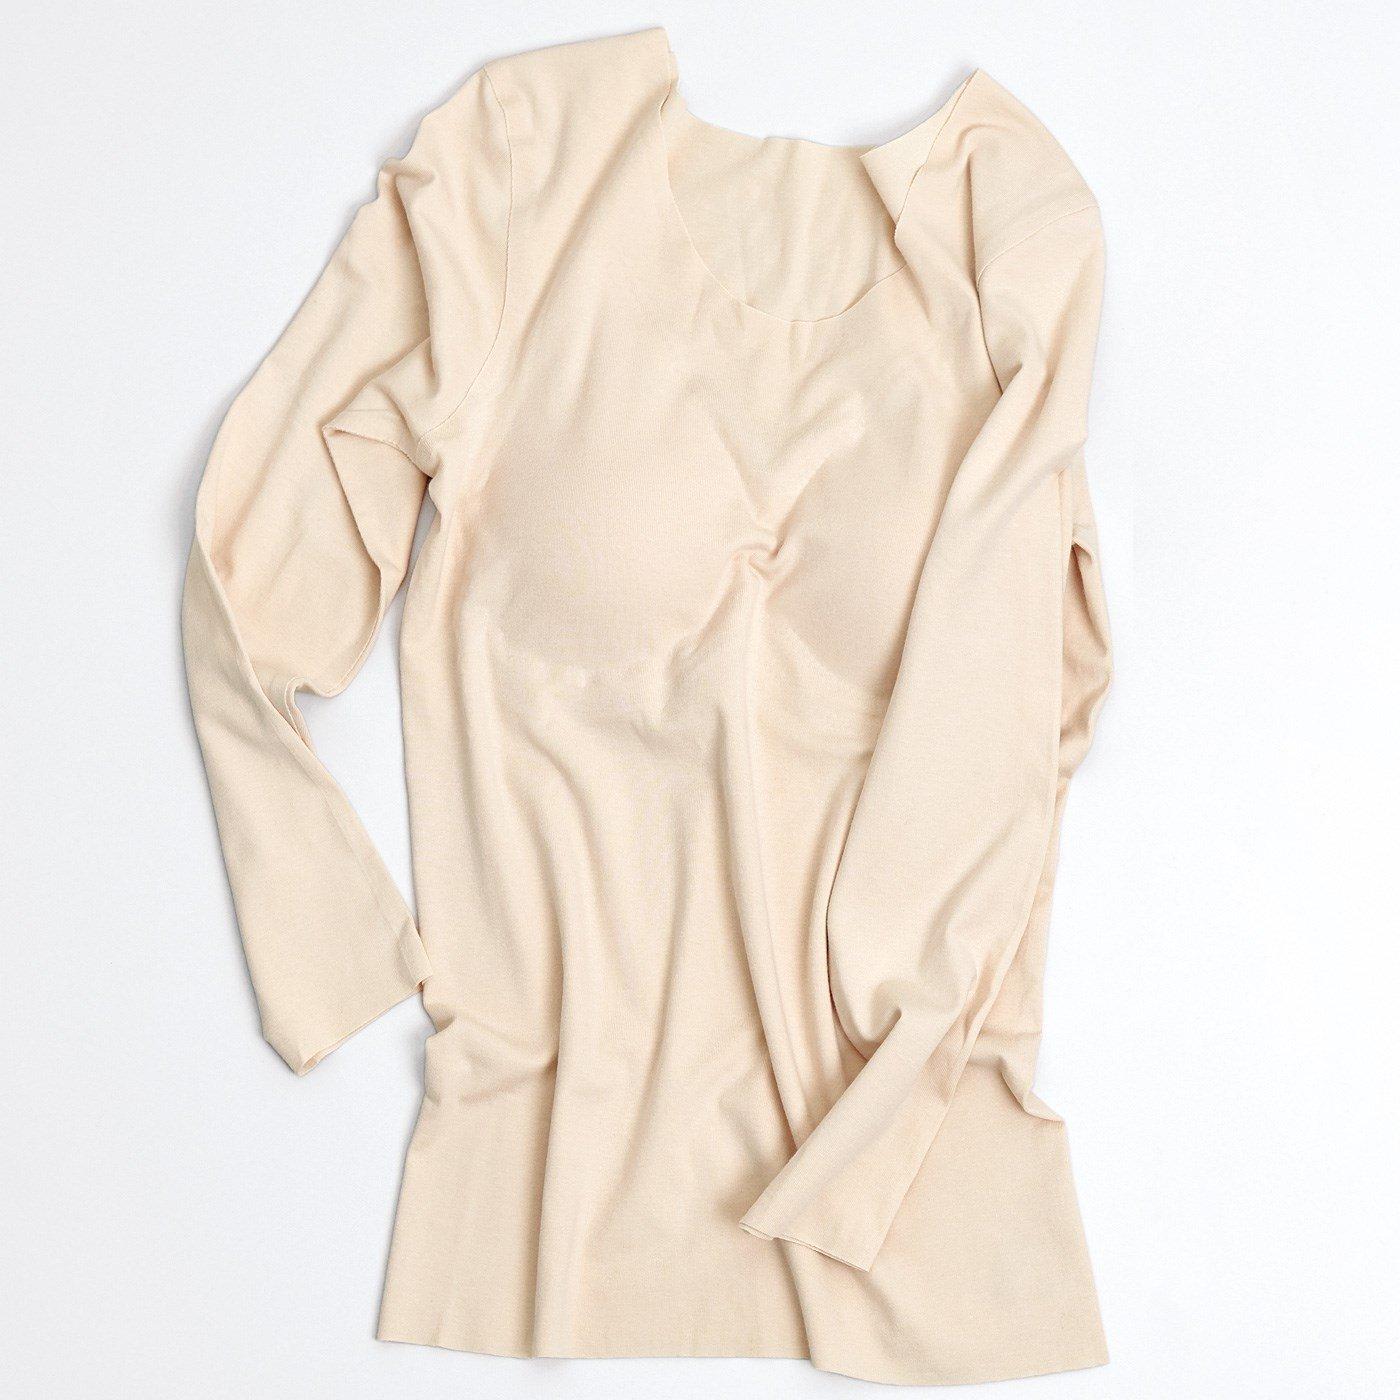 【おはだが気になるみんなへ】完全無縫製(R) KIREILABO(R) 八分袖パッド付きインナートップスの会